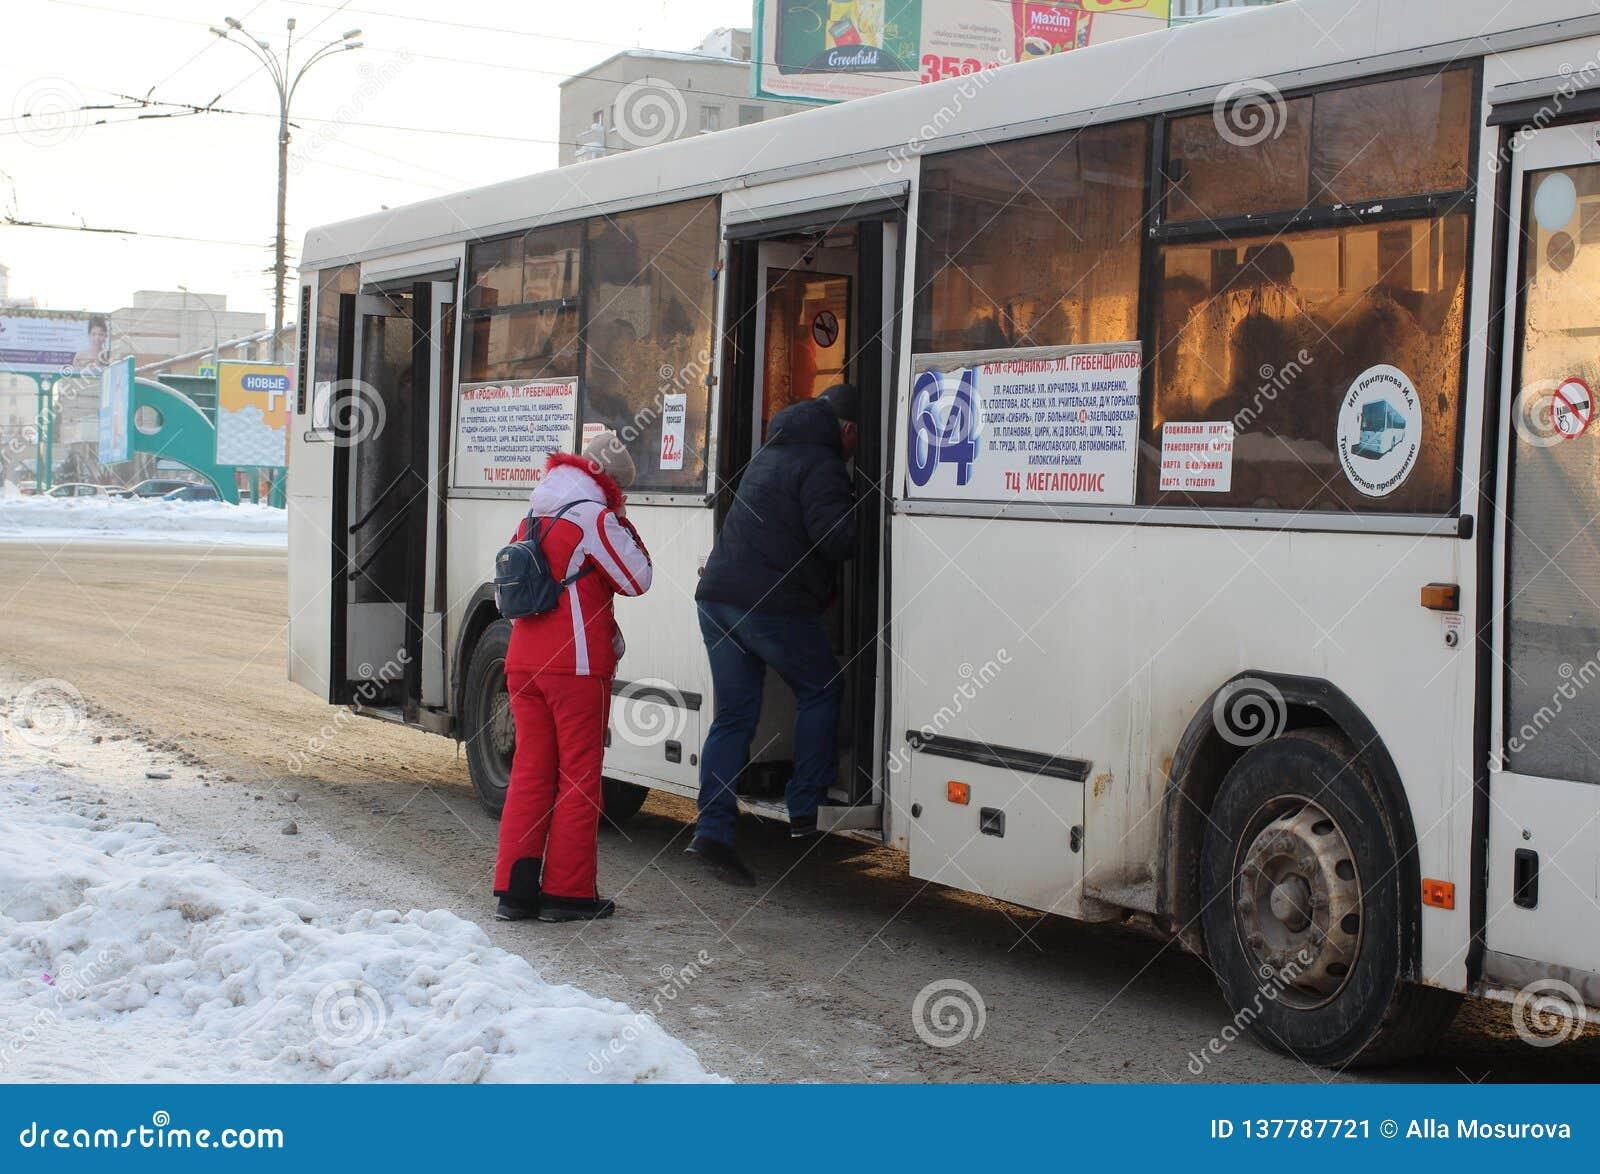  do  Ñ de Ñ€ÑƒÑ do  de Ñ muitos passageiros de espera dos povos no transporte público da parada do ônibus em Novosibirsk no in